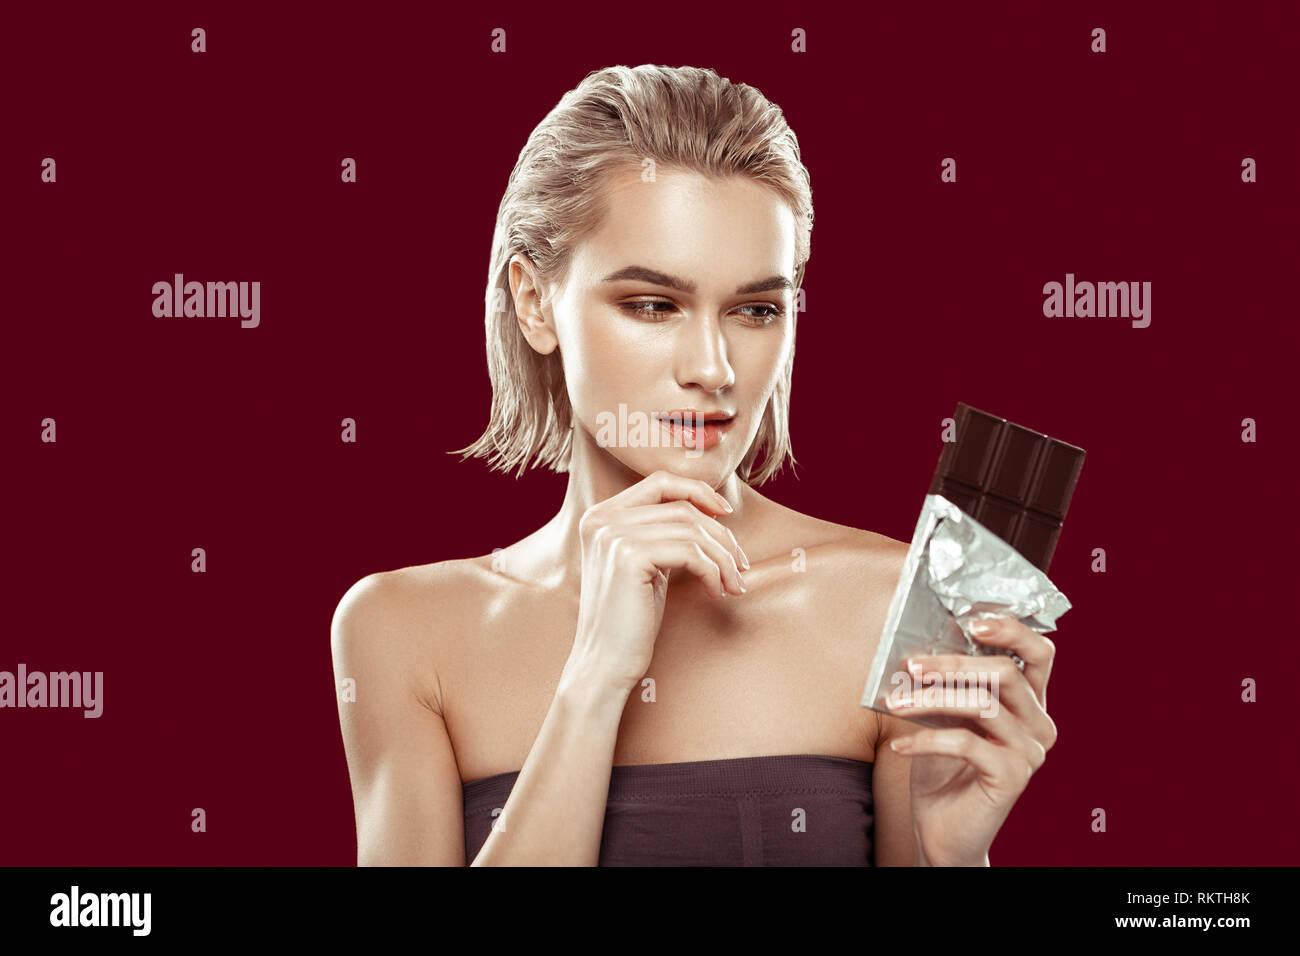 Modèle prenant part à une alimentation saine à la campagne de chocolate Photo Stock